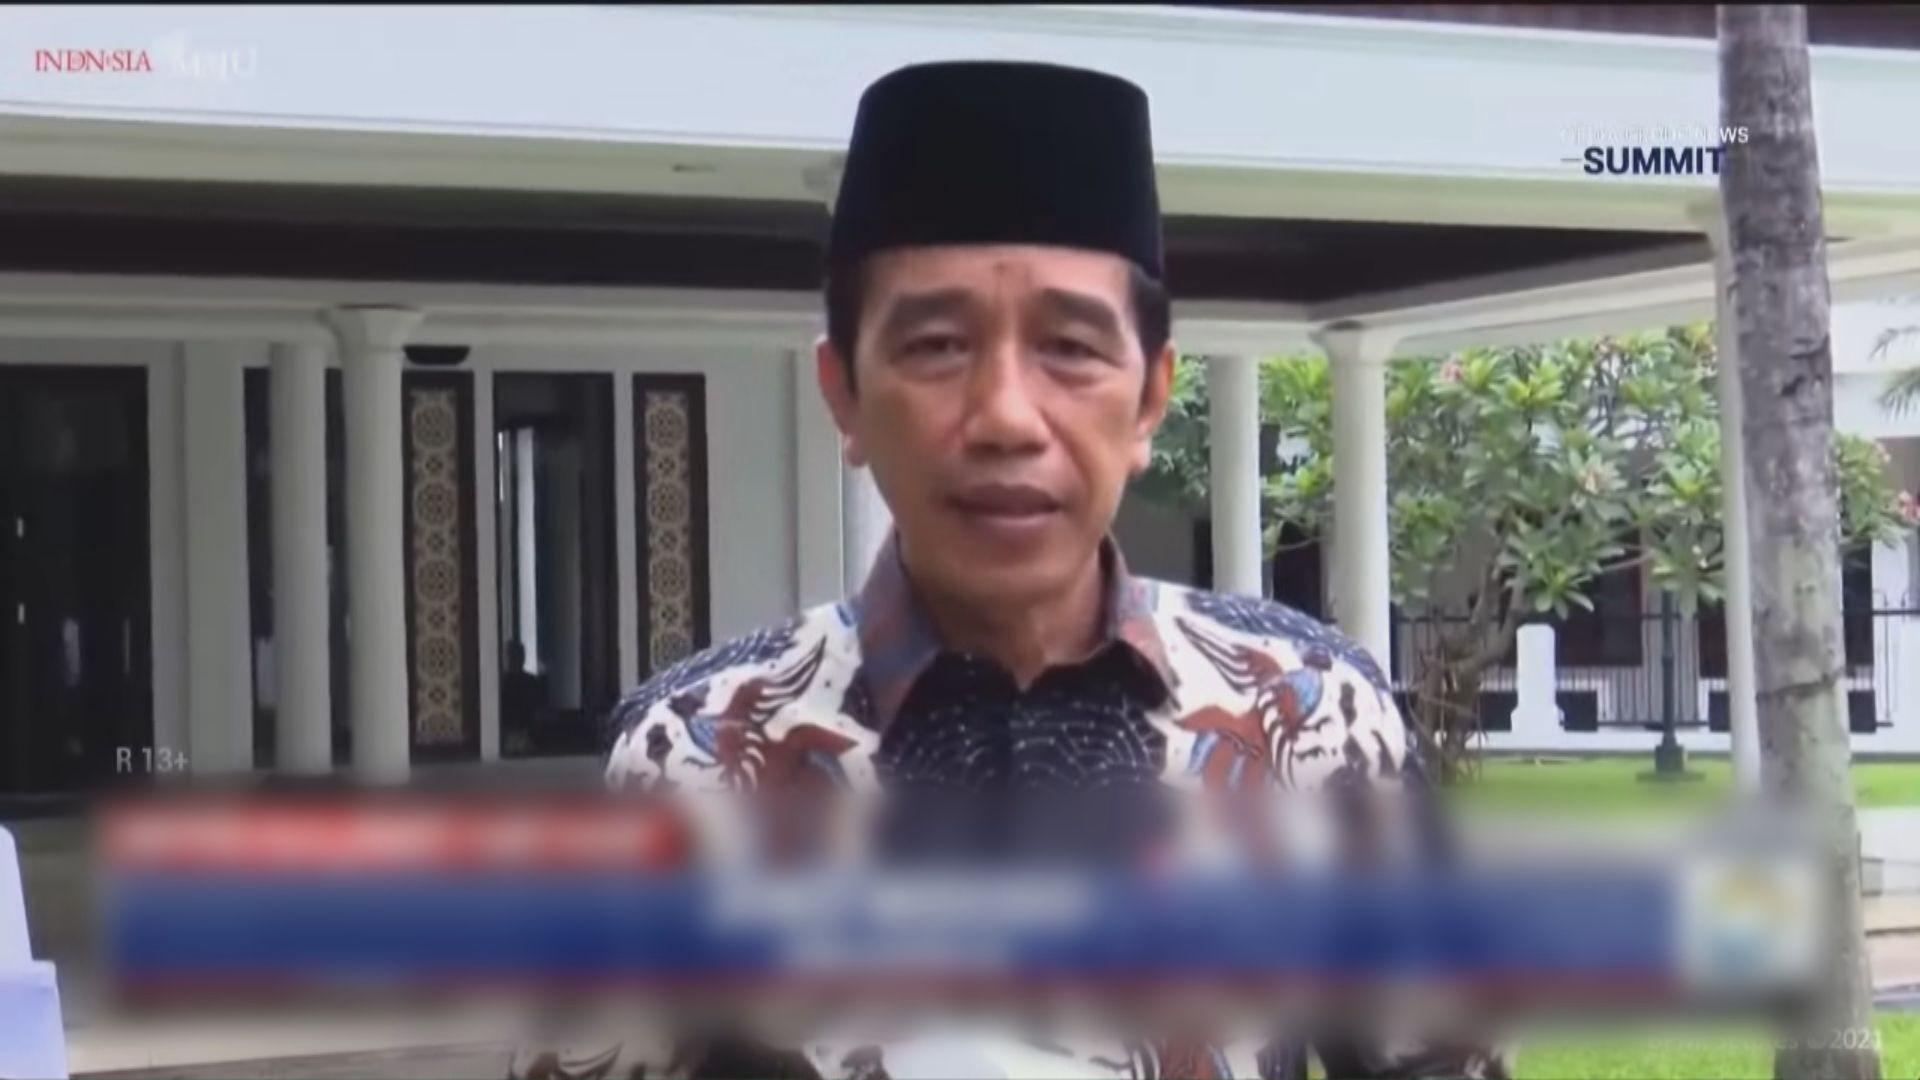 印尼地震最少35人亡 總統向遇難者表示深切哀悼